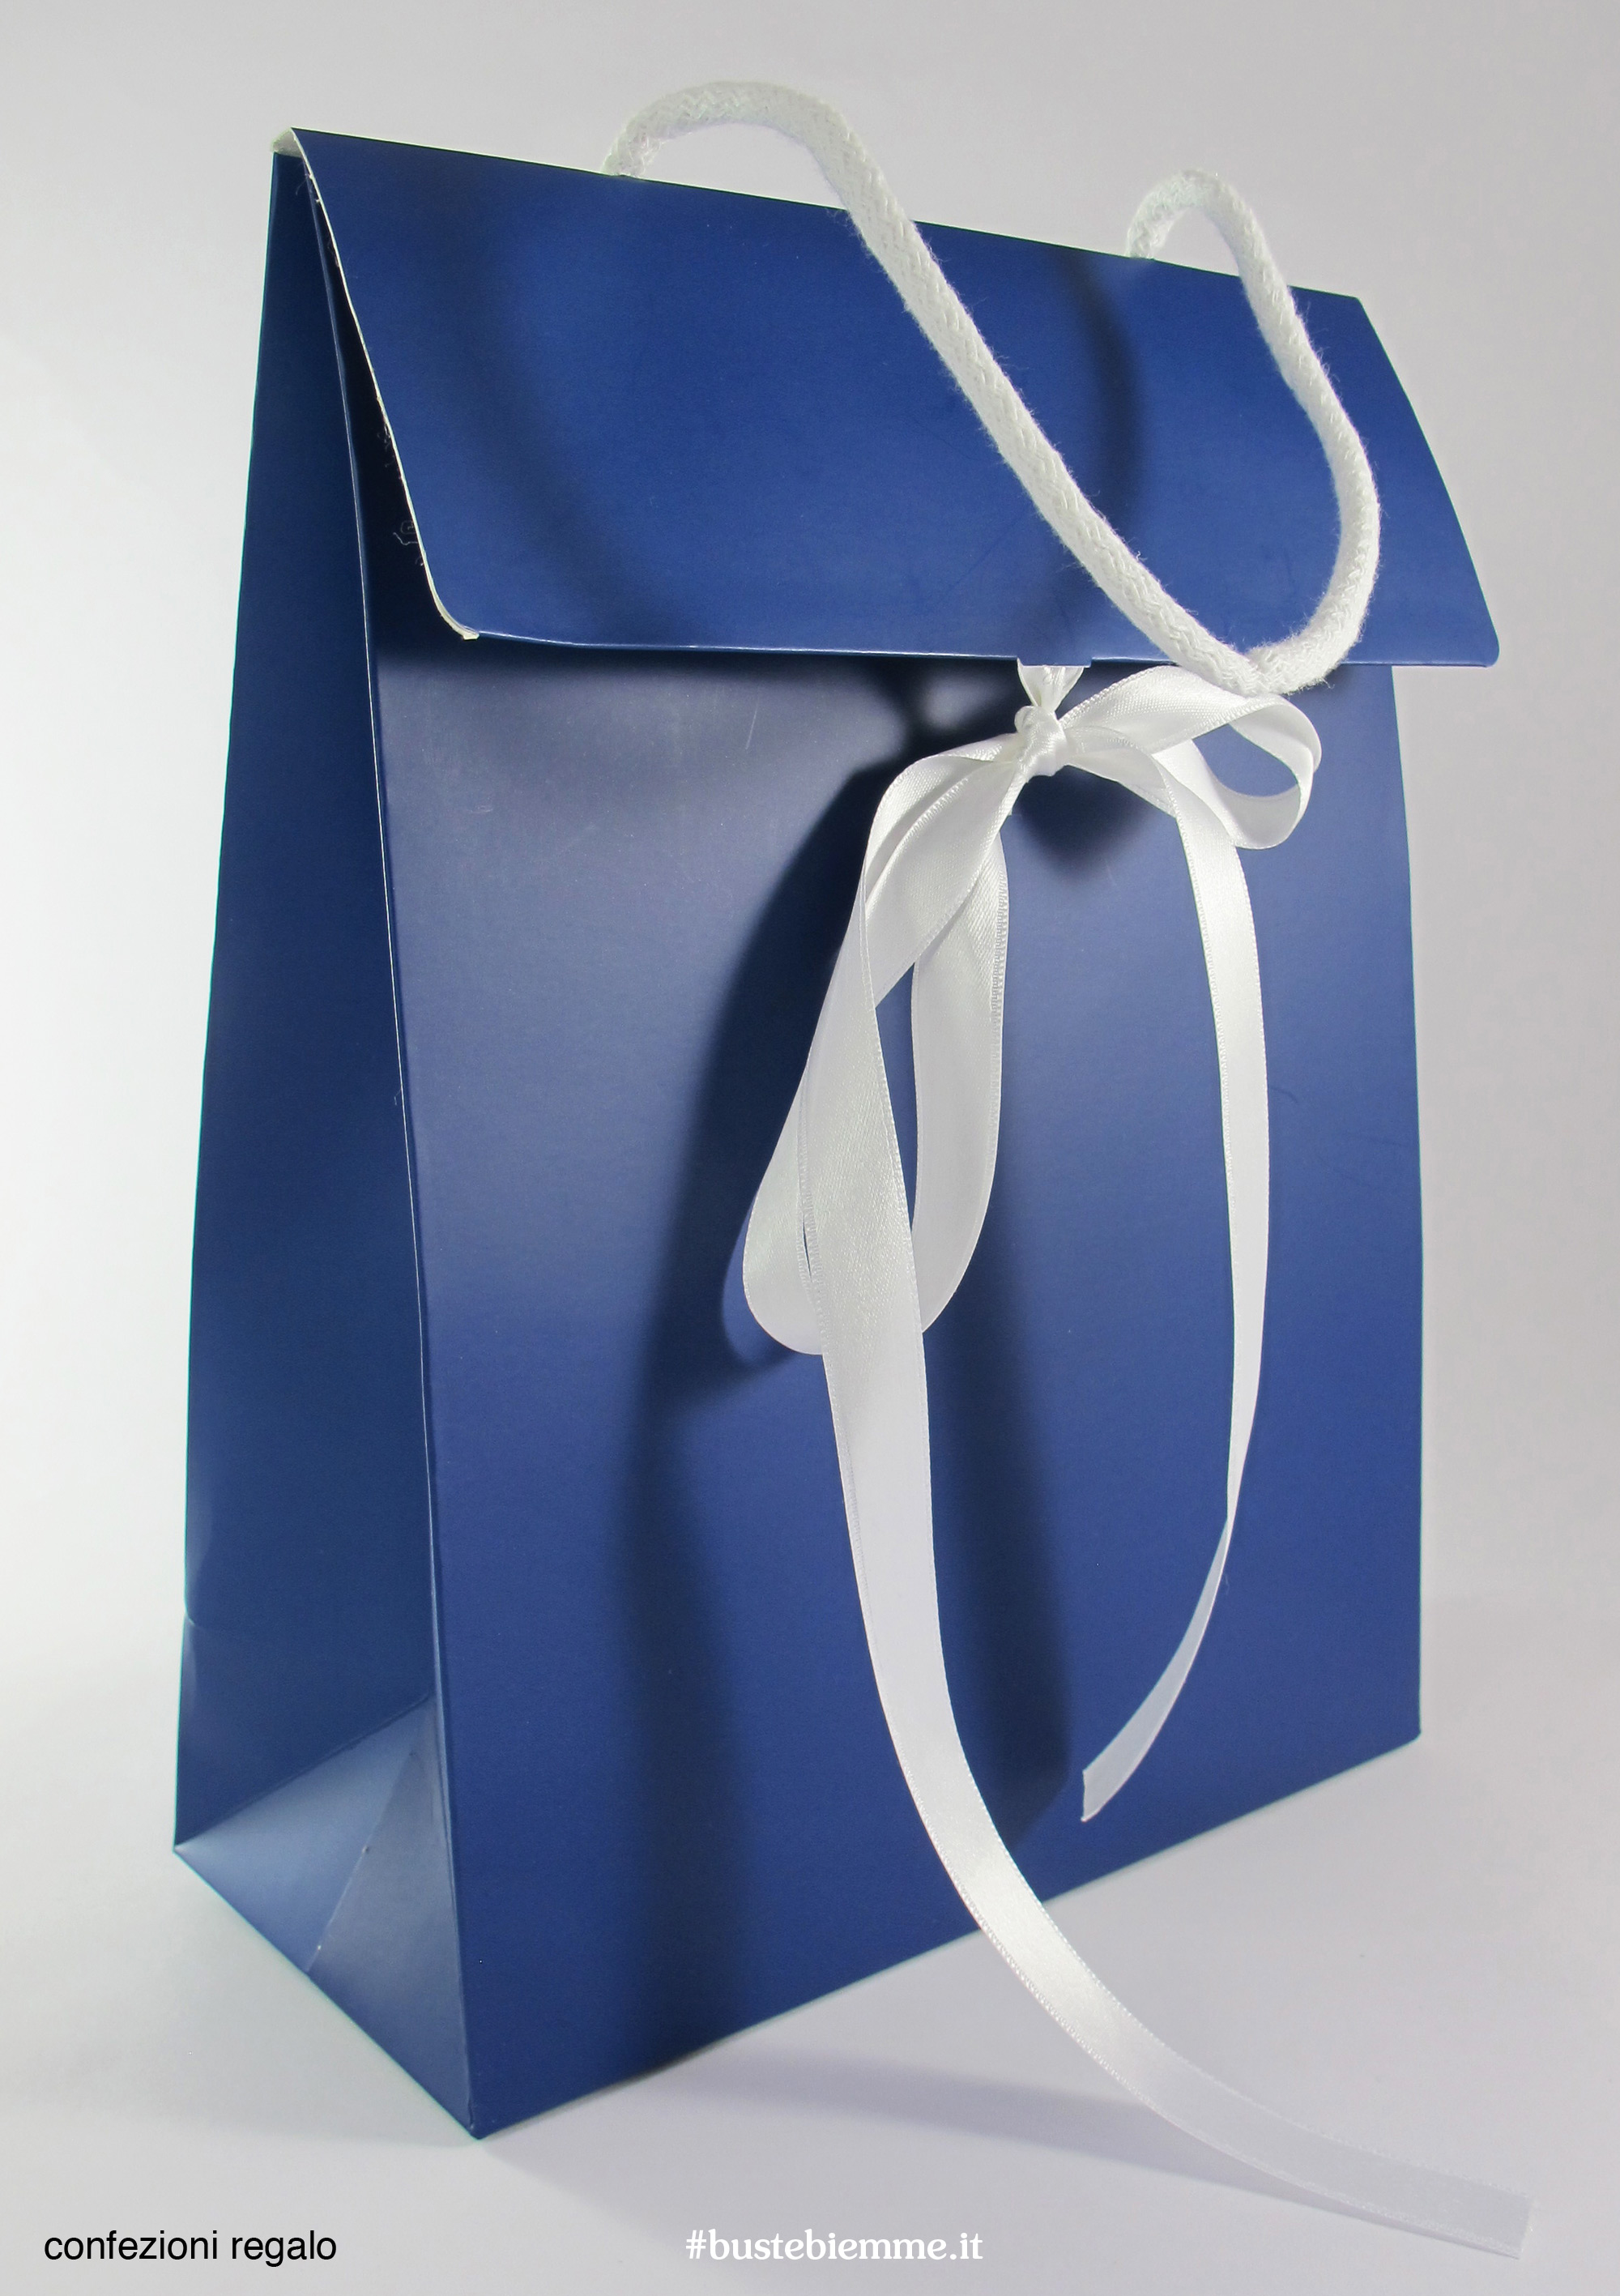 confezione regalo a forma di shopping bag da personalizzare